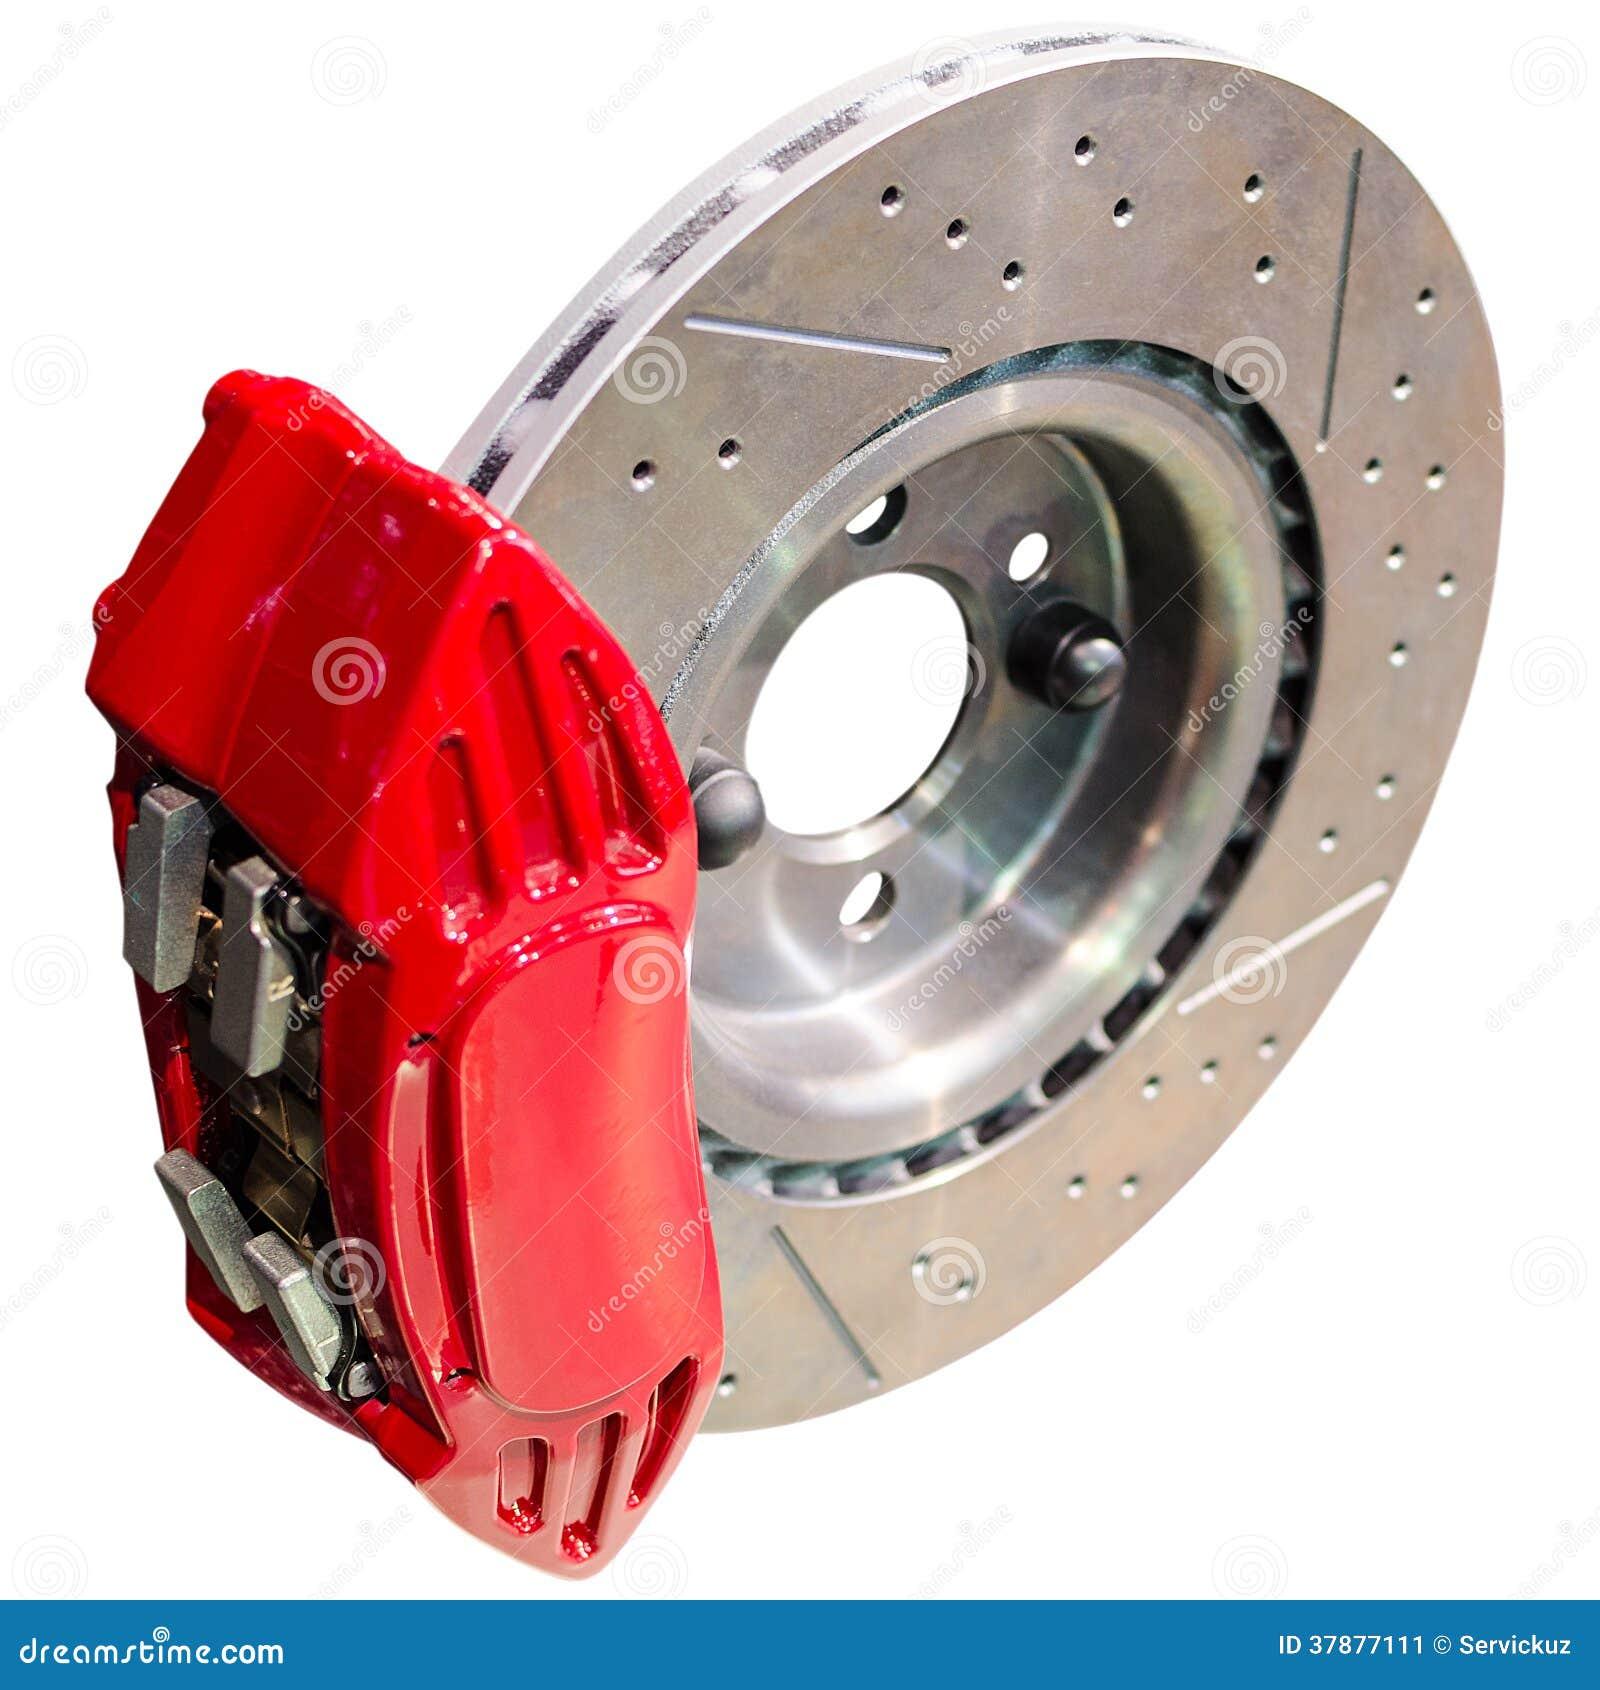 Mechanisme van automobiele schijfremmen: geassembleerde beugel met schijf